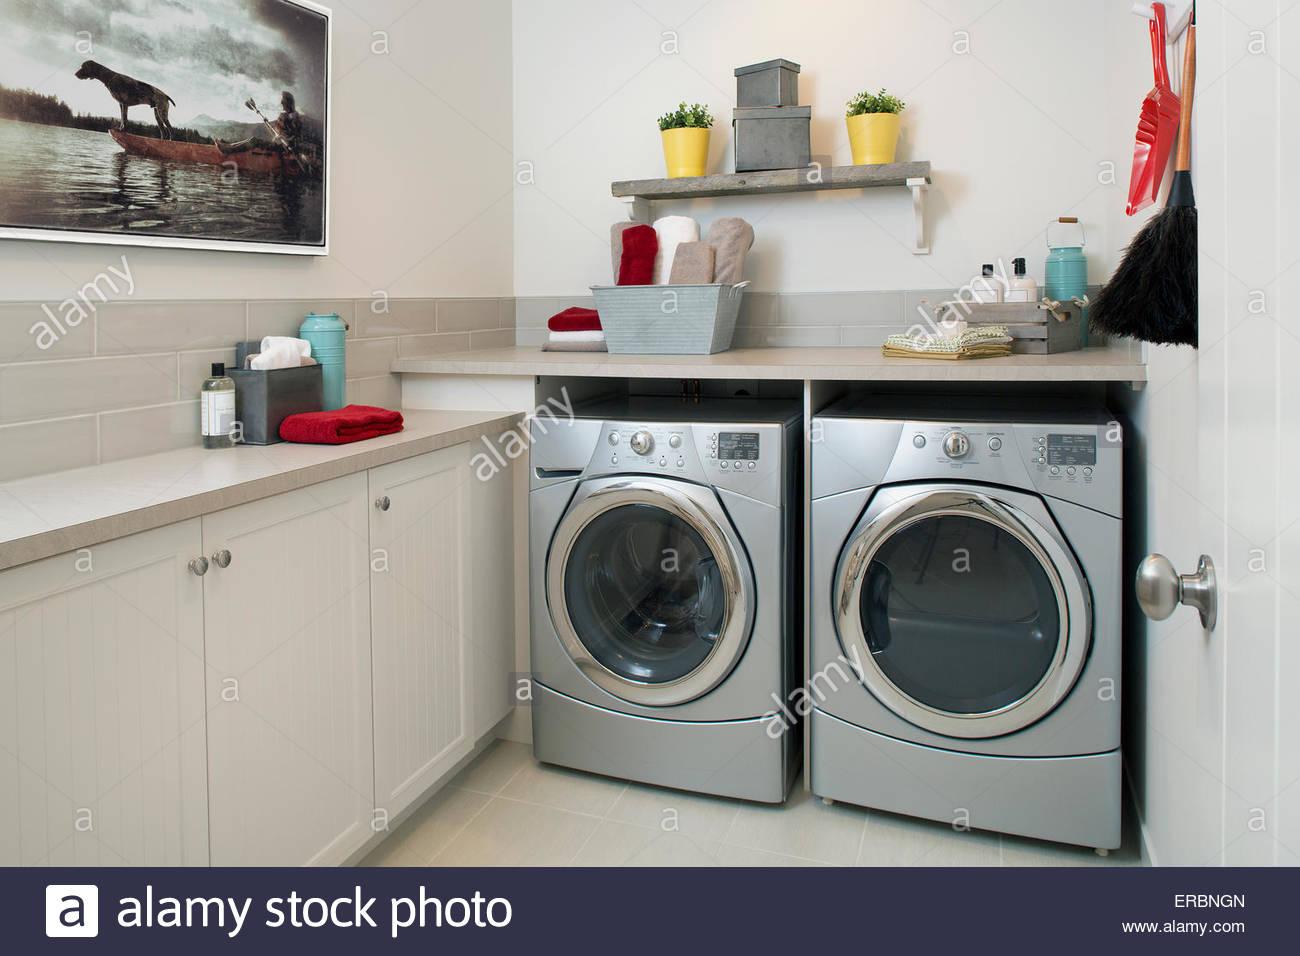 Energía Eficiente lavadora y secadora cuarto de lavandería Imagen De Stock